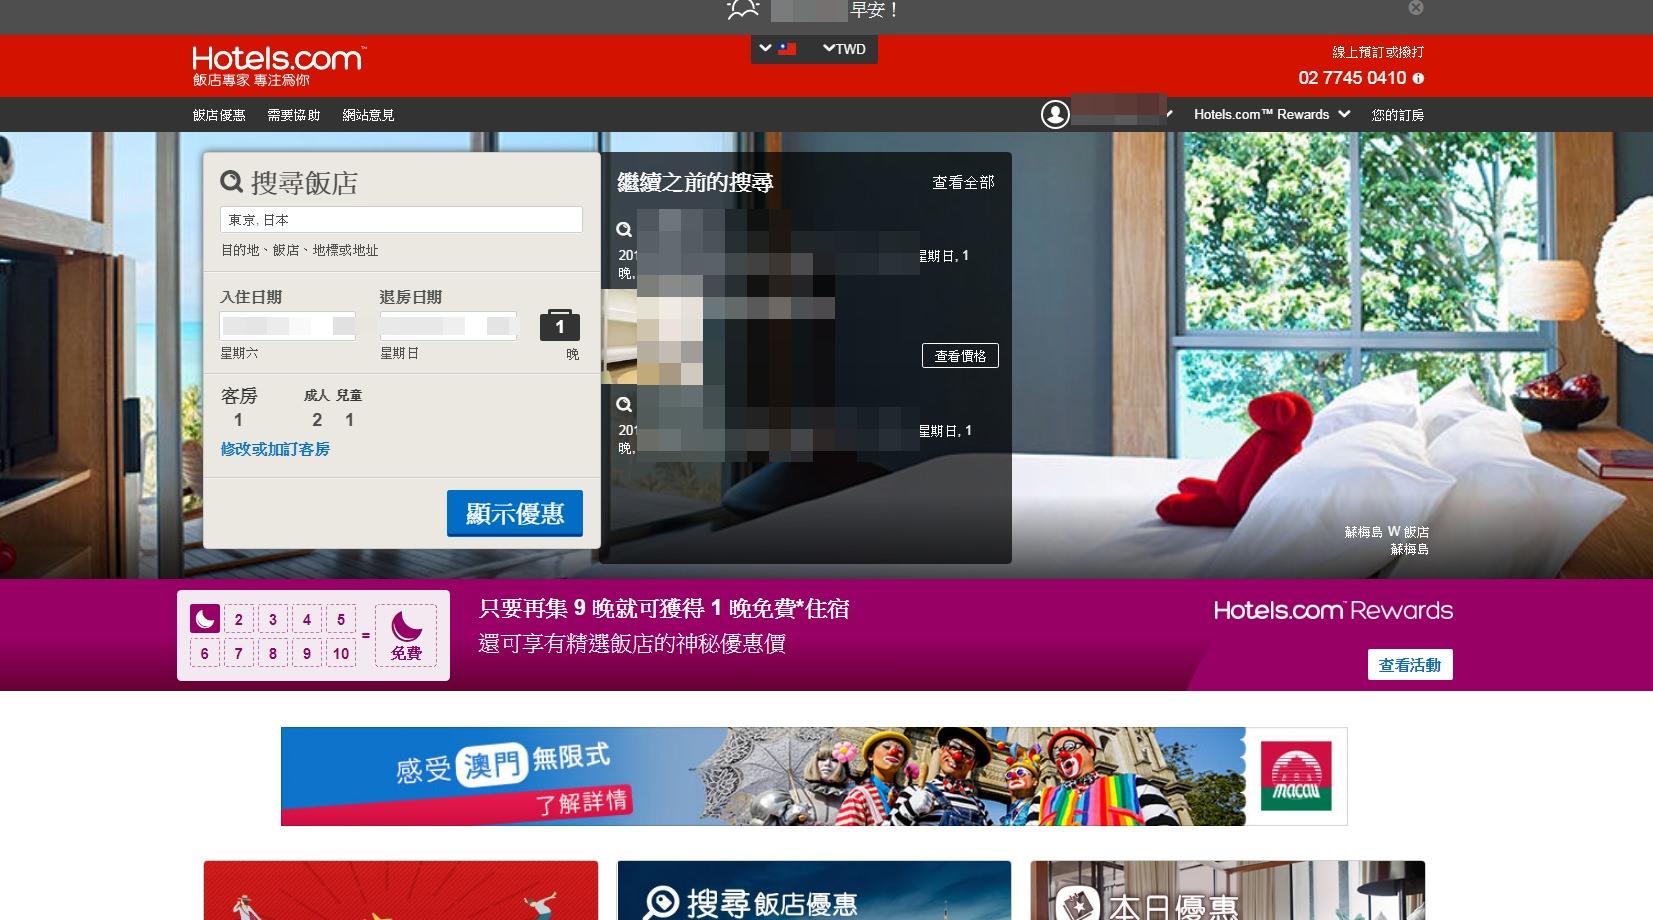 日本訂房|國外訂房網站hotels.com 國外交易手續費 申請退款經驗 優惠券很划算